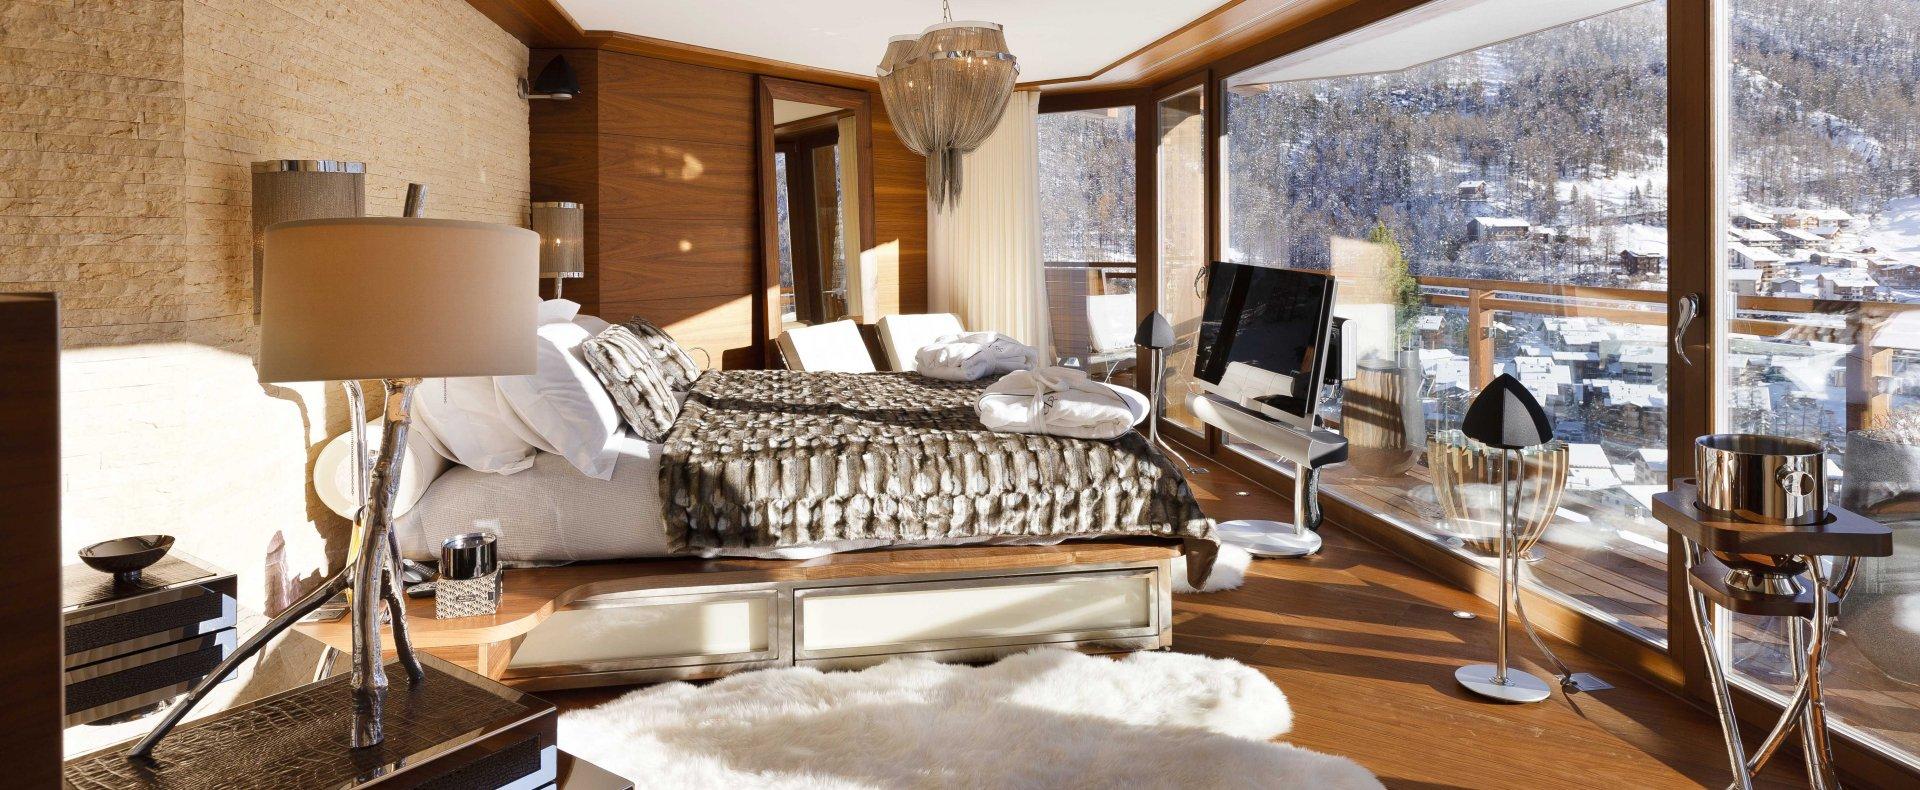 Luxury Escapes 2018 - Chalet Zermatt Peak - luxury hotels - private villas for rent - luxury ski chalets - villas for rent in switzerland - matterhorn